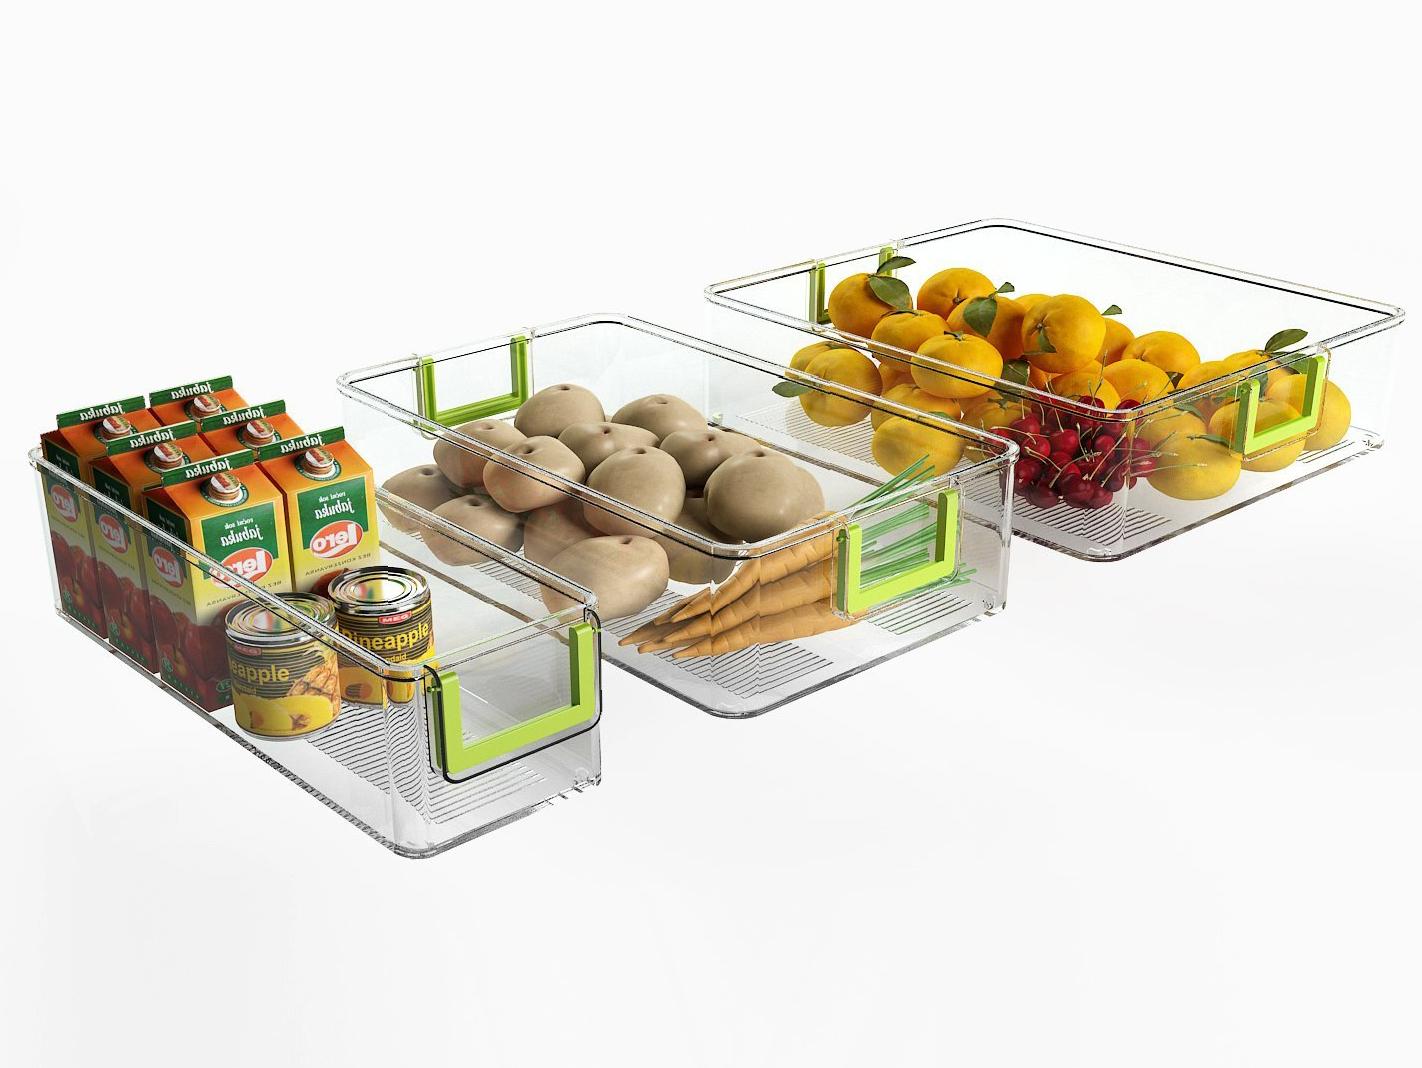 Full Size of Küchen Aufbewahrungsbehälter 3er Set Kchen Khlschrank Boaufbewahrungsbehlter Regal Küche Wohnzimmer Küchen Aufbewahrungsbehälter